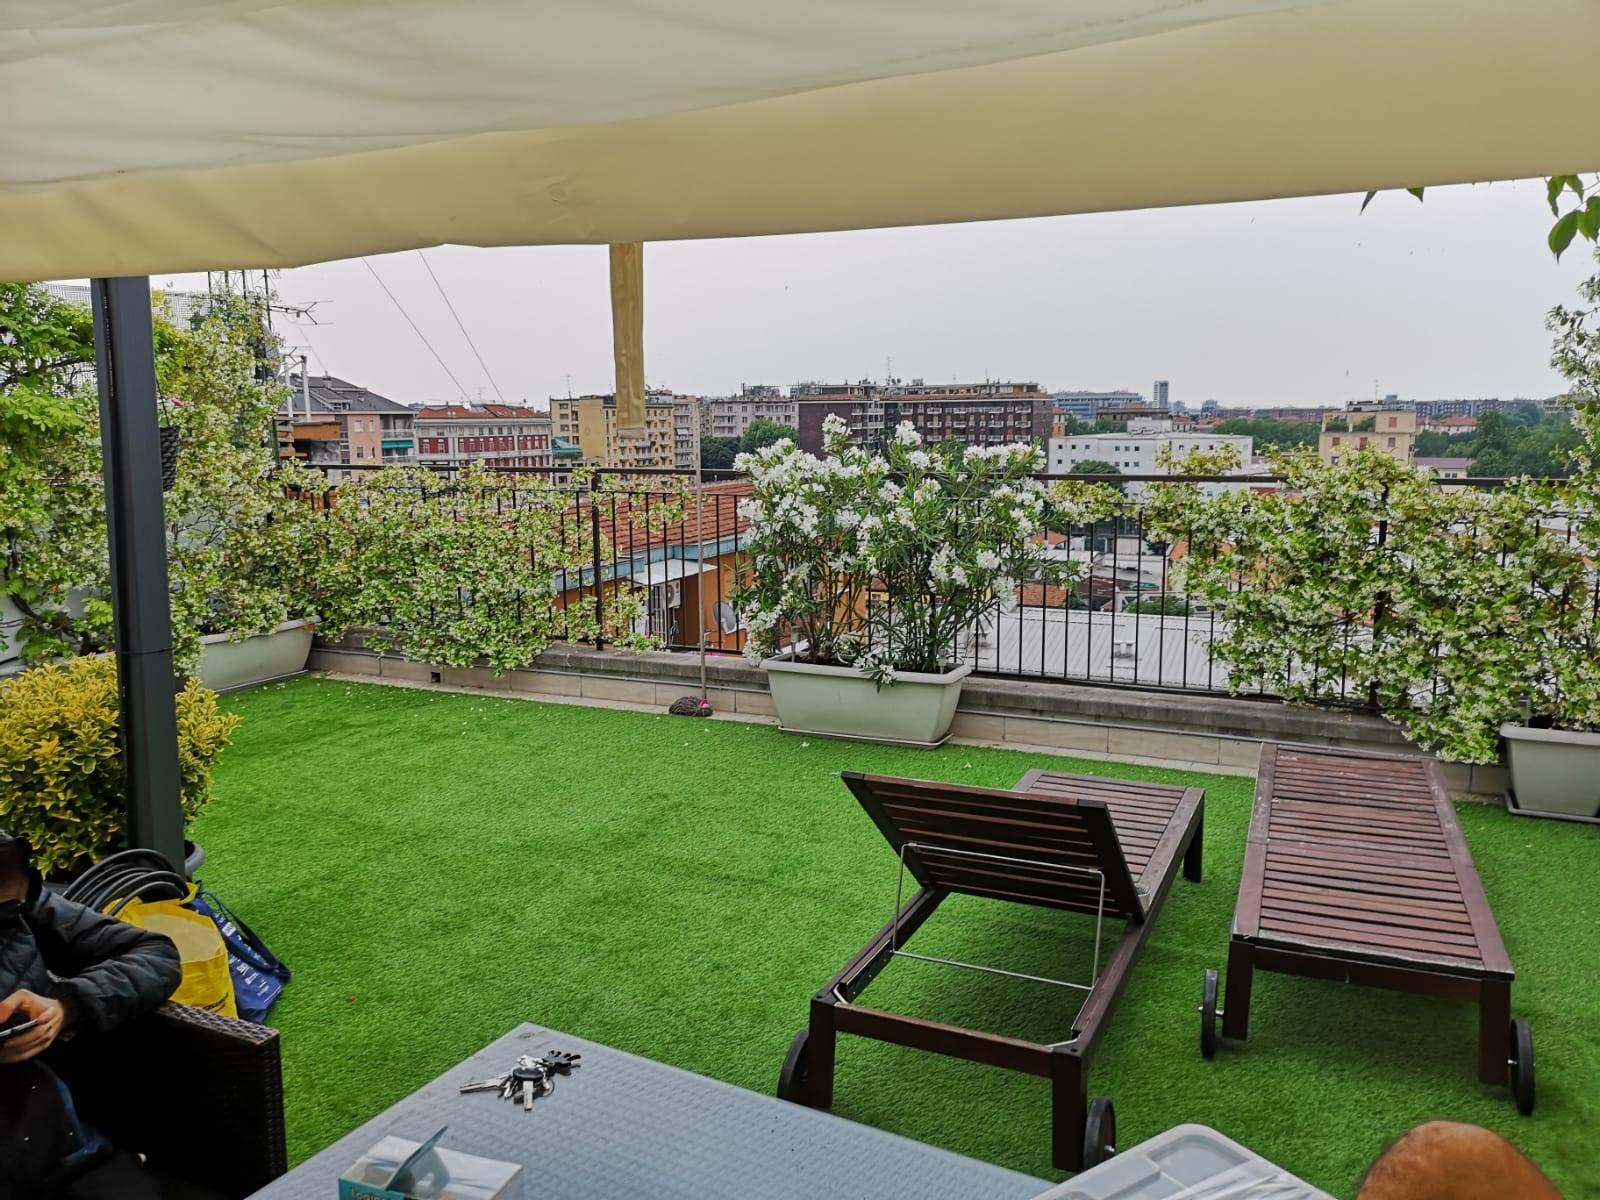 TICINESE, MILANO, Appartamento in affitto di 40 Mq, Ottime condizioni, Riscaldamento Centralizzato, Classe energetica: G, Epi: 199,65 kwh/m2 anno,